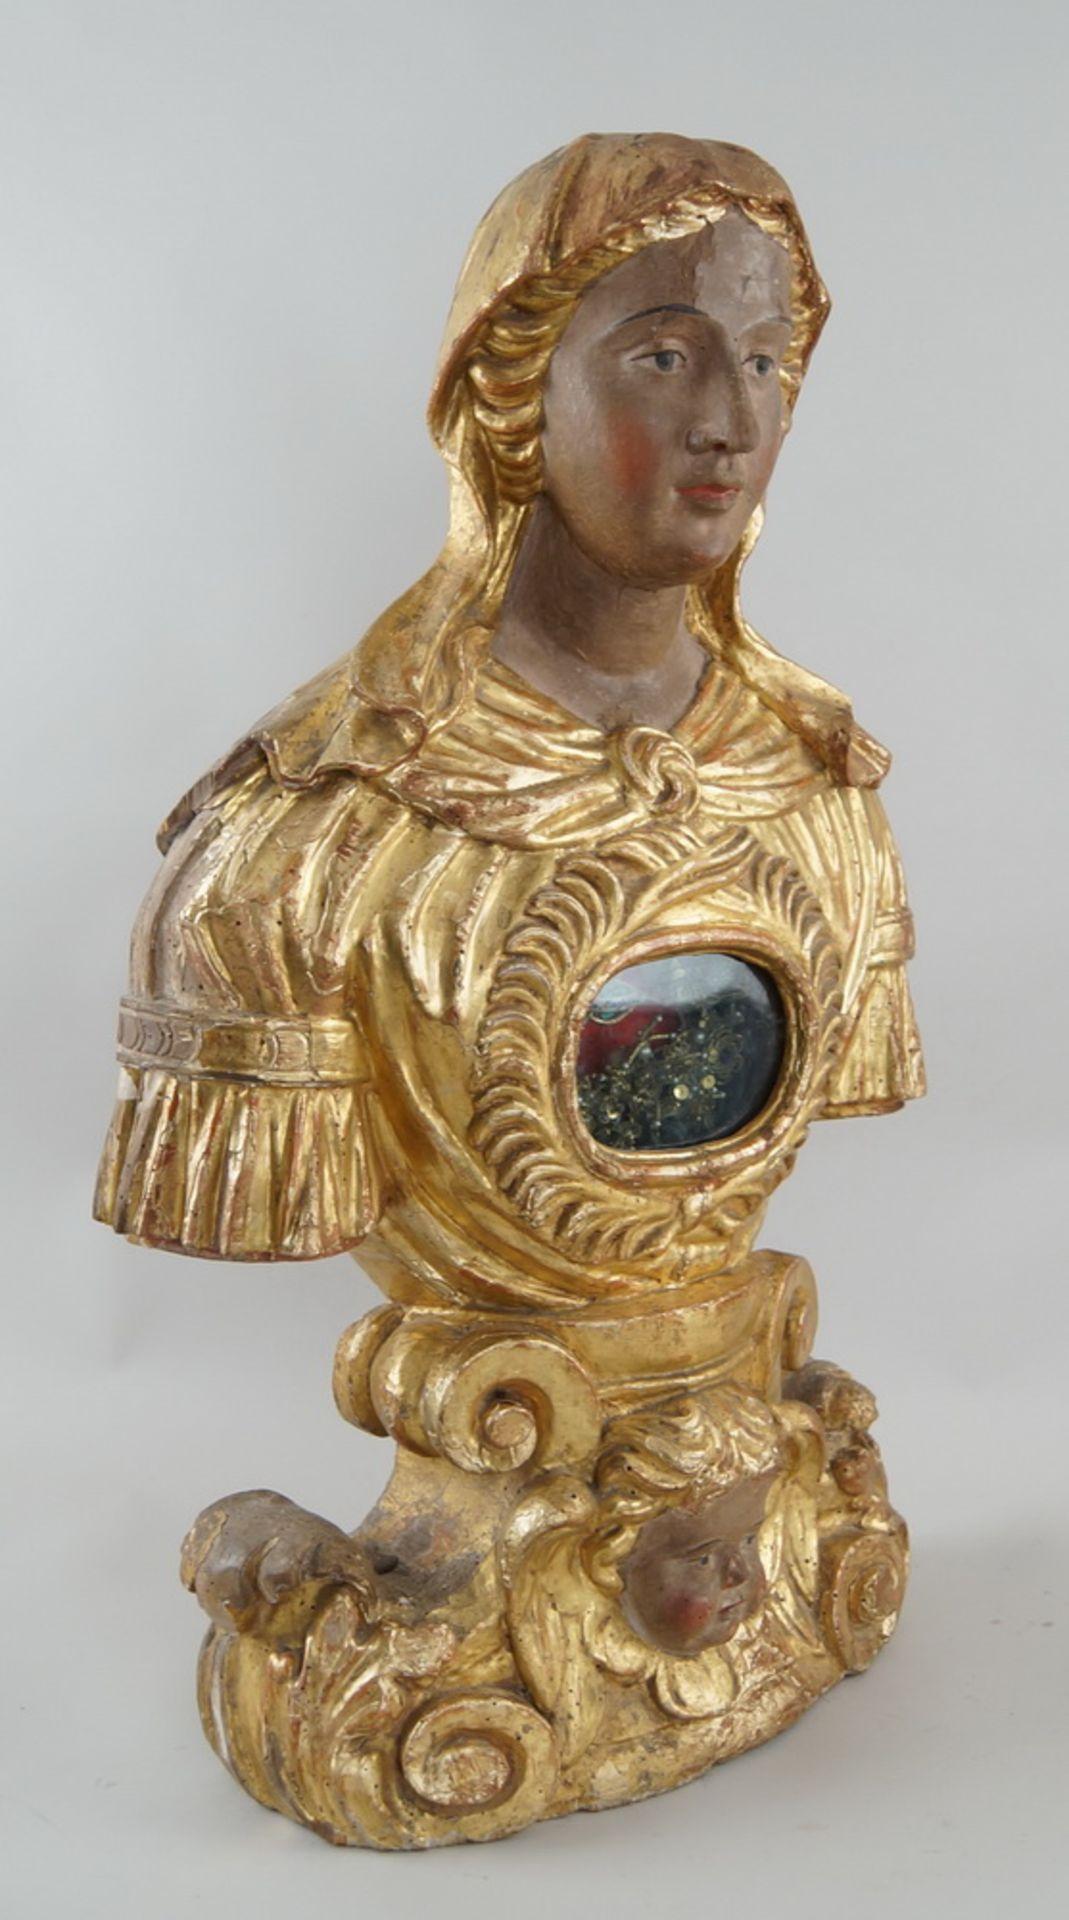 Prunkvolle Reliquienskulptur, Büste auf prächtigem Sockel, Holz geschnitzt, gefasst und - Bild 6 aus 9